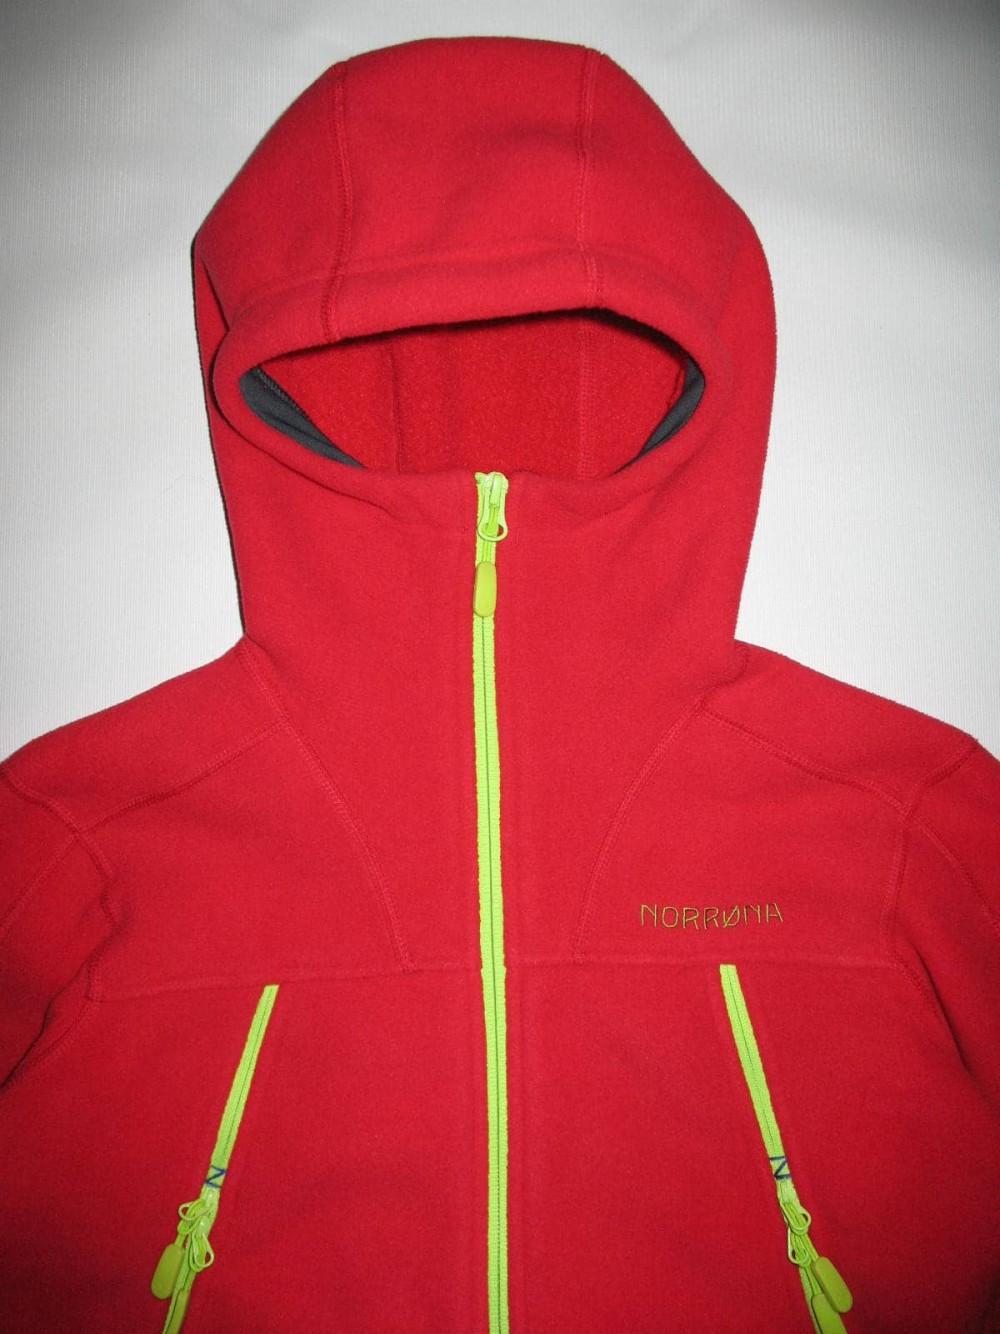 Куртка NORRONA narvik warm 3 hoodies lady (размер S) - 3